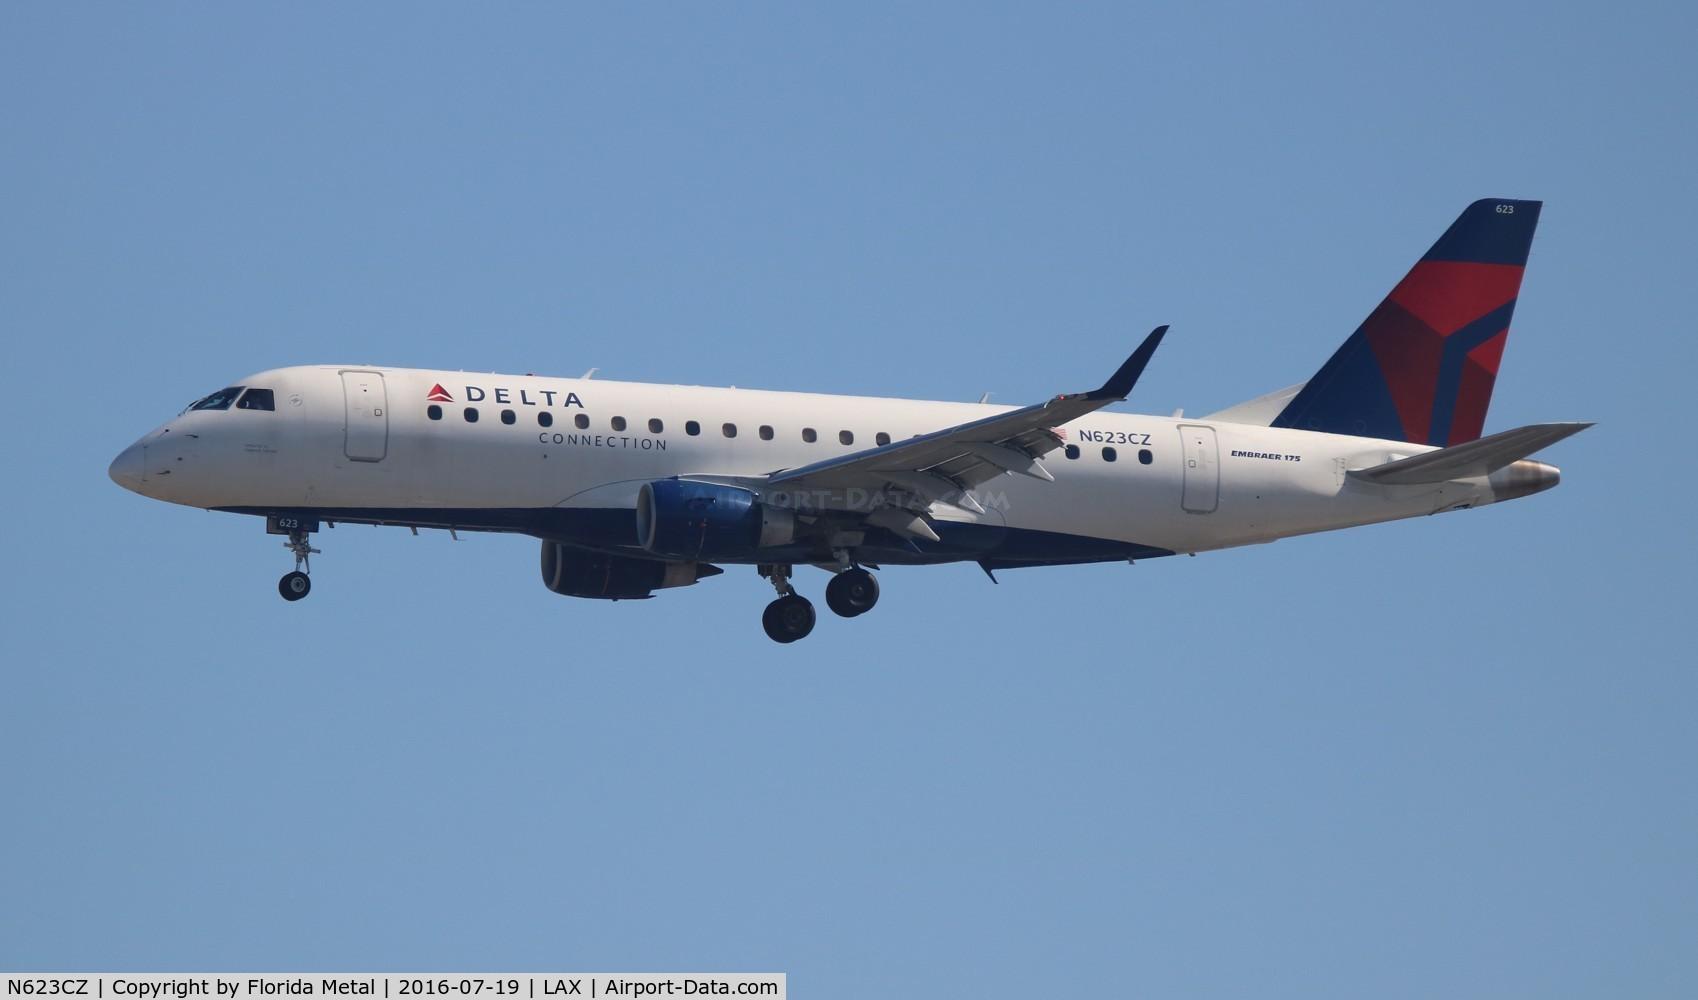 N623CZ, 2008 Embraer 175LR (ERJ-170-200LR) C/N 17000221, Delta Connection